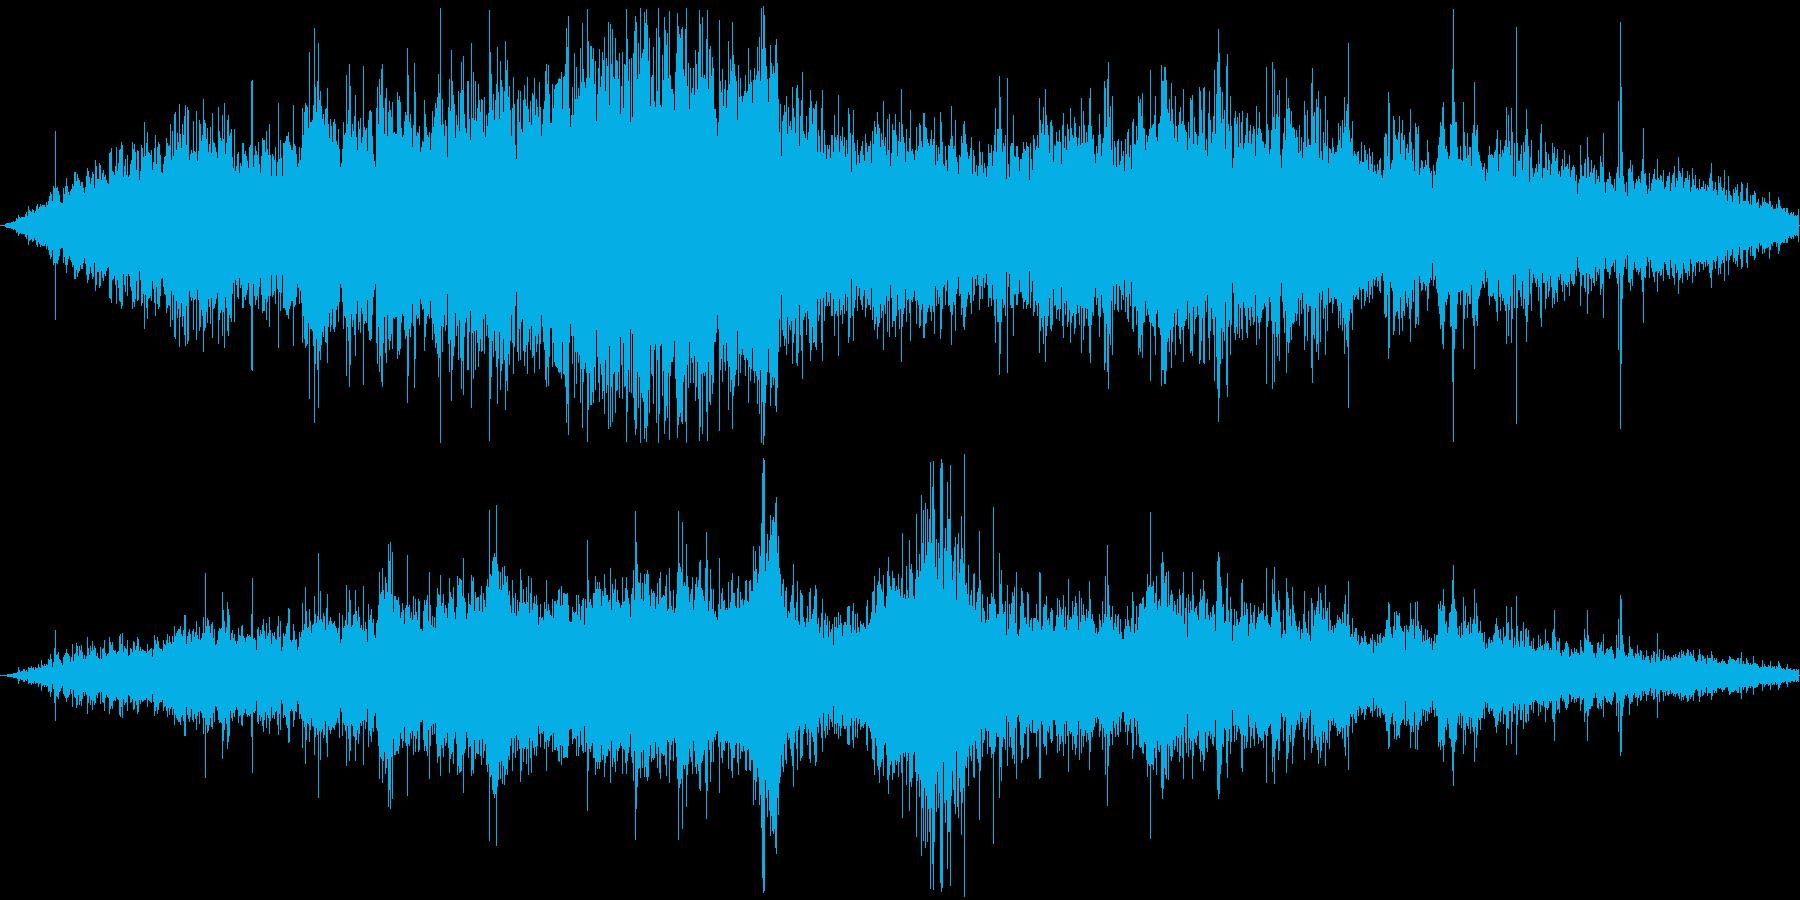 【波打ち際/海/船/ざざーん/SE/】の再生済みの波形